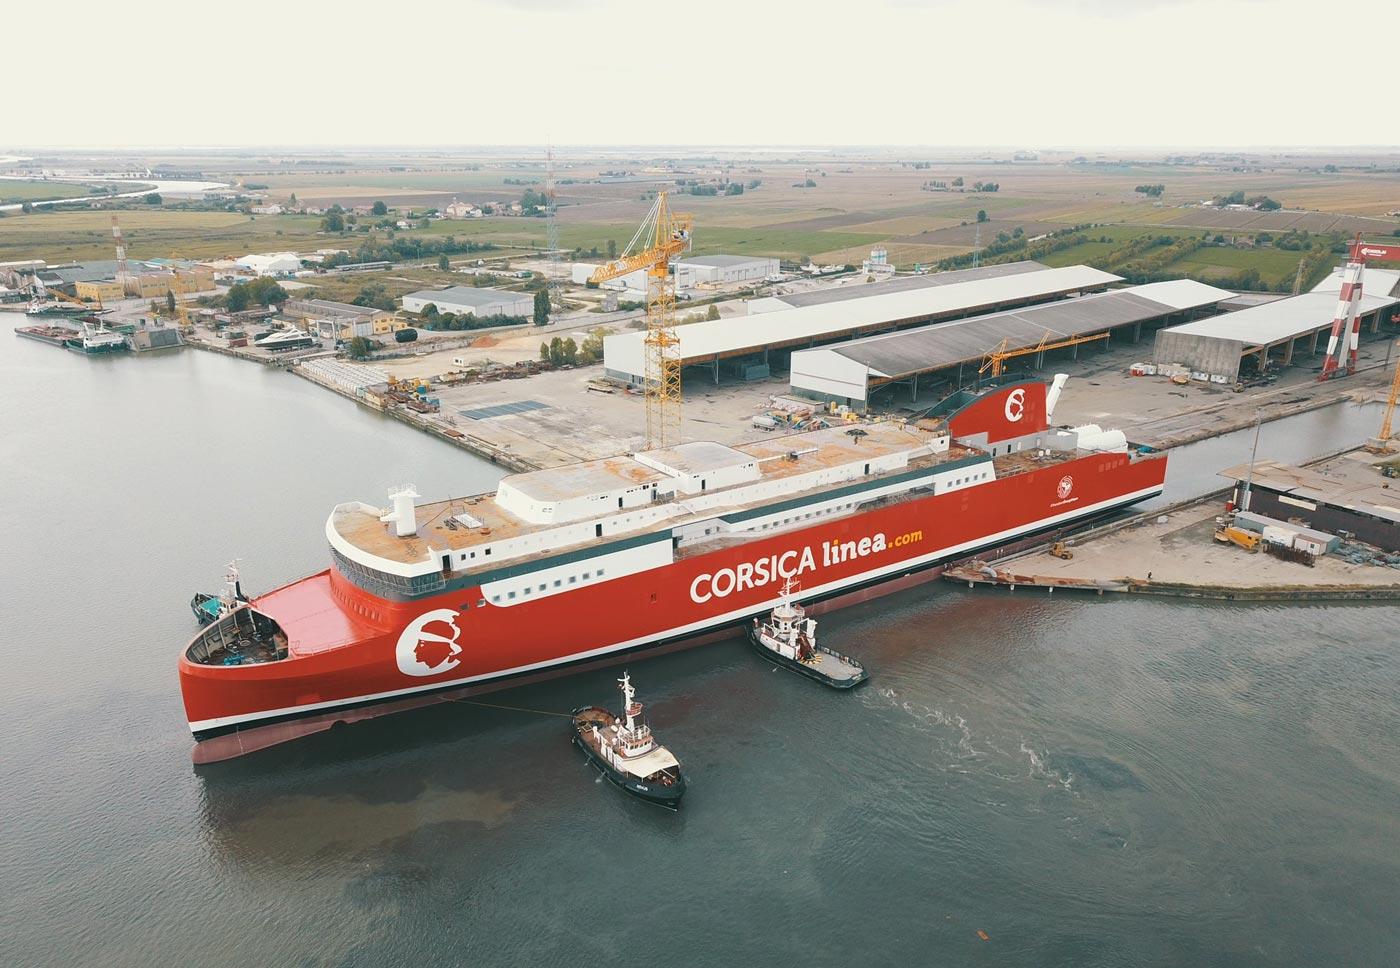 Corsica Linea met à l'eau son nouveau ferry GNL